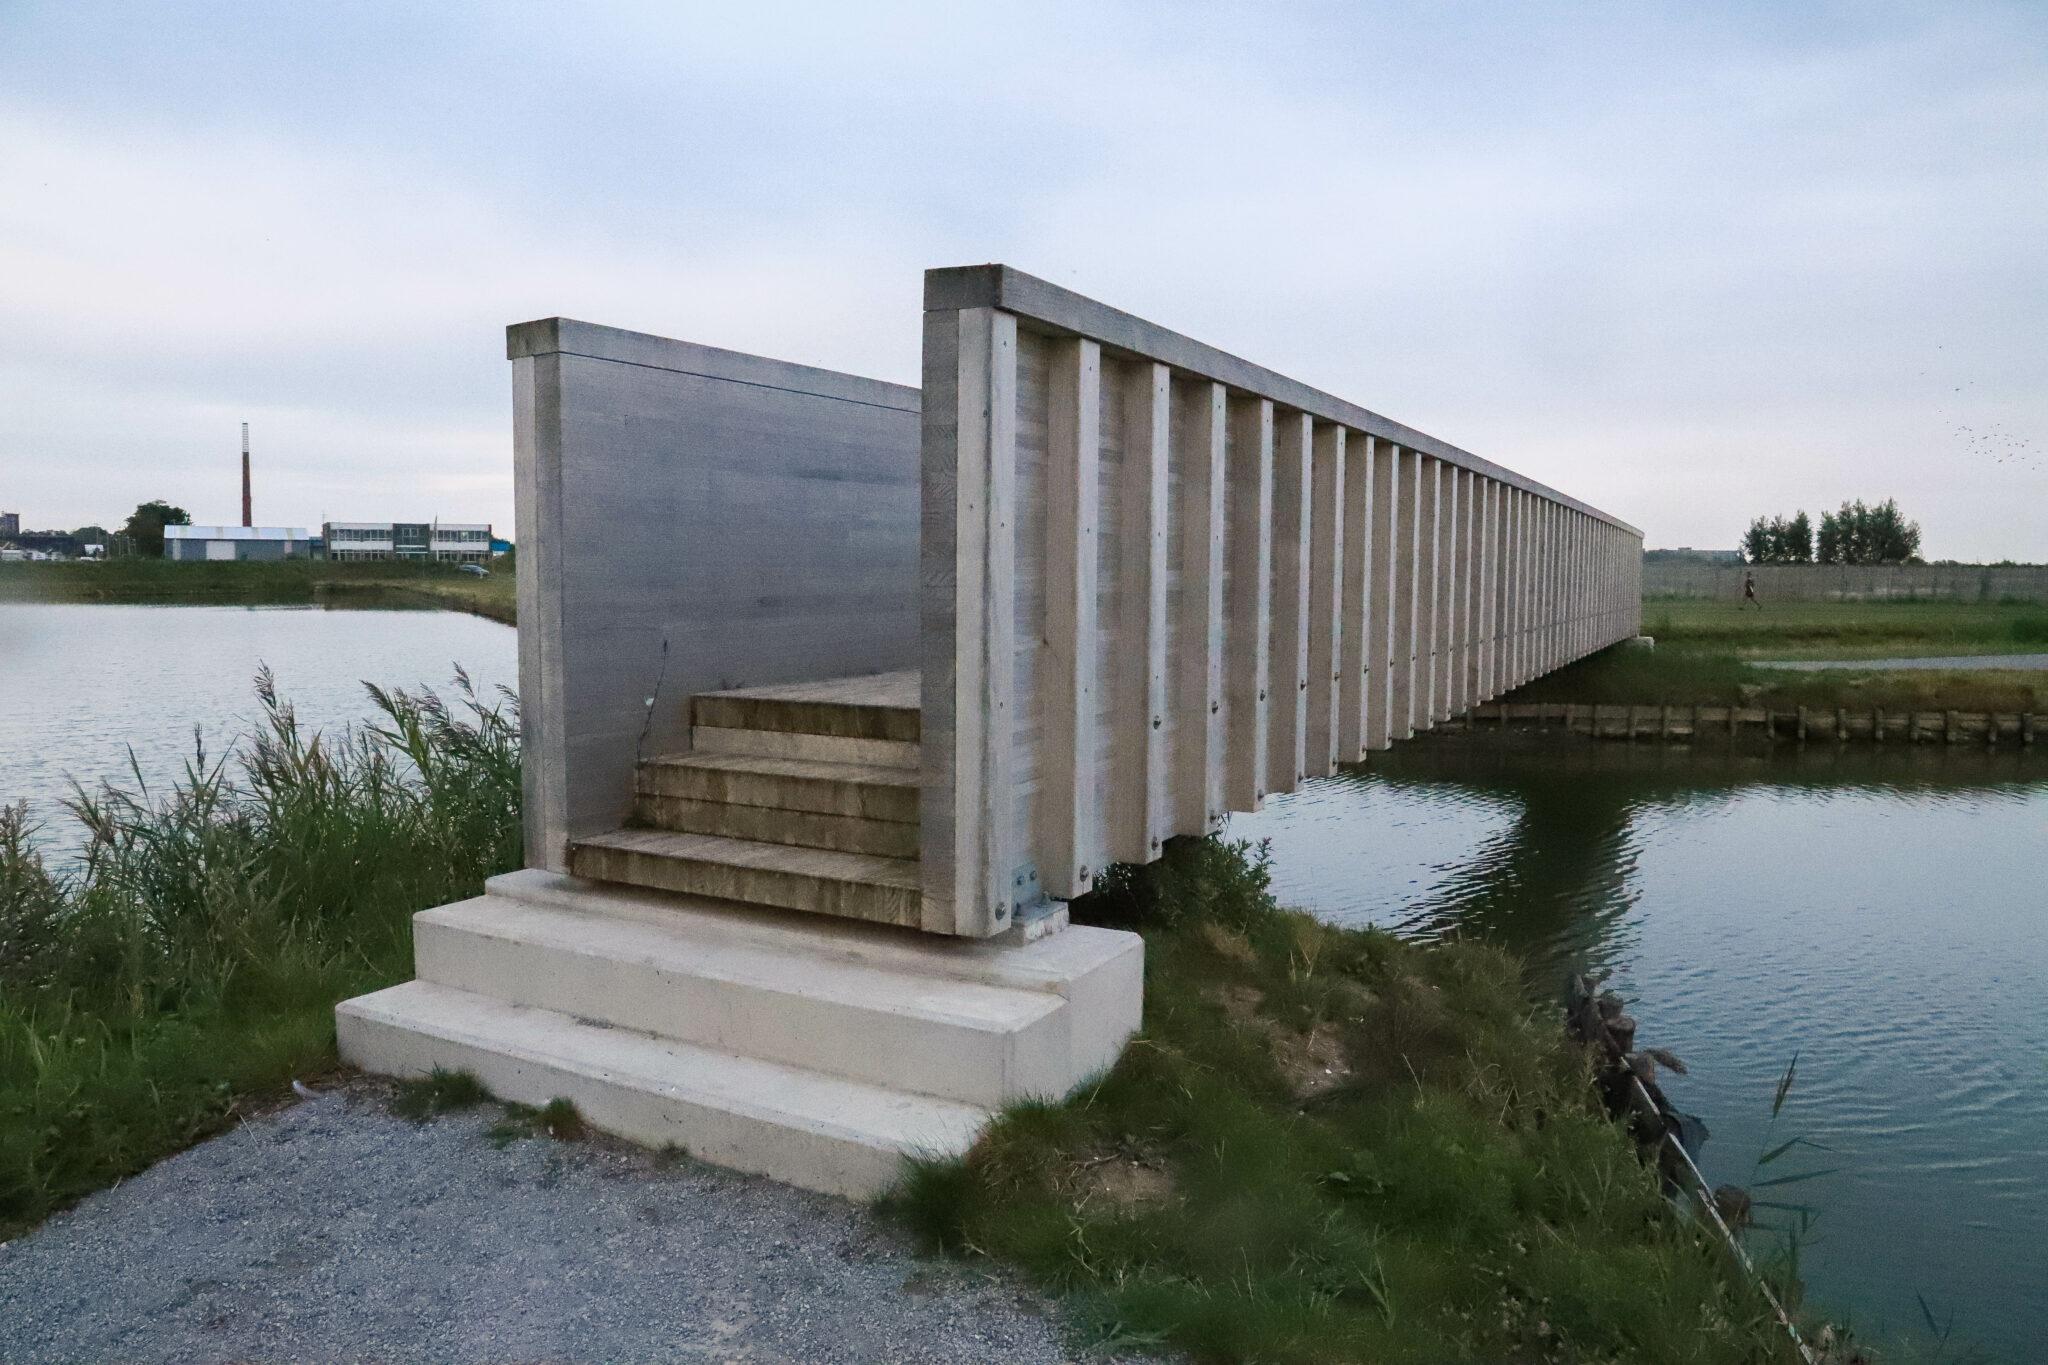 brug waterschans fort vestingswerken vesting kop van het hoofd